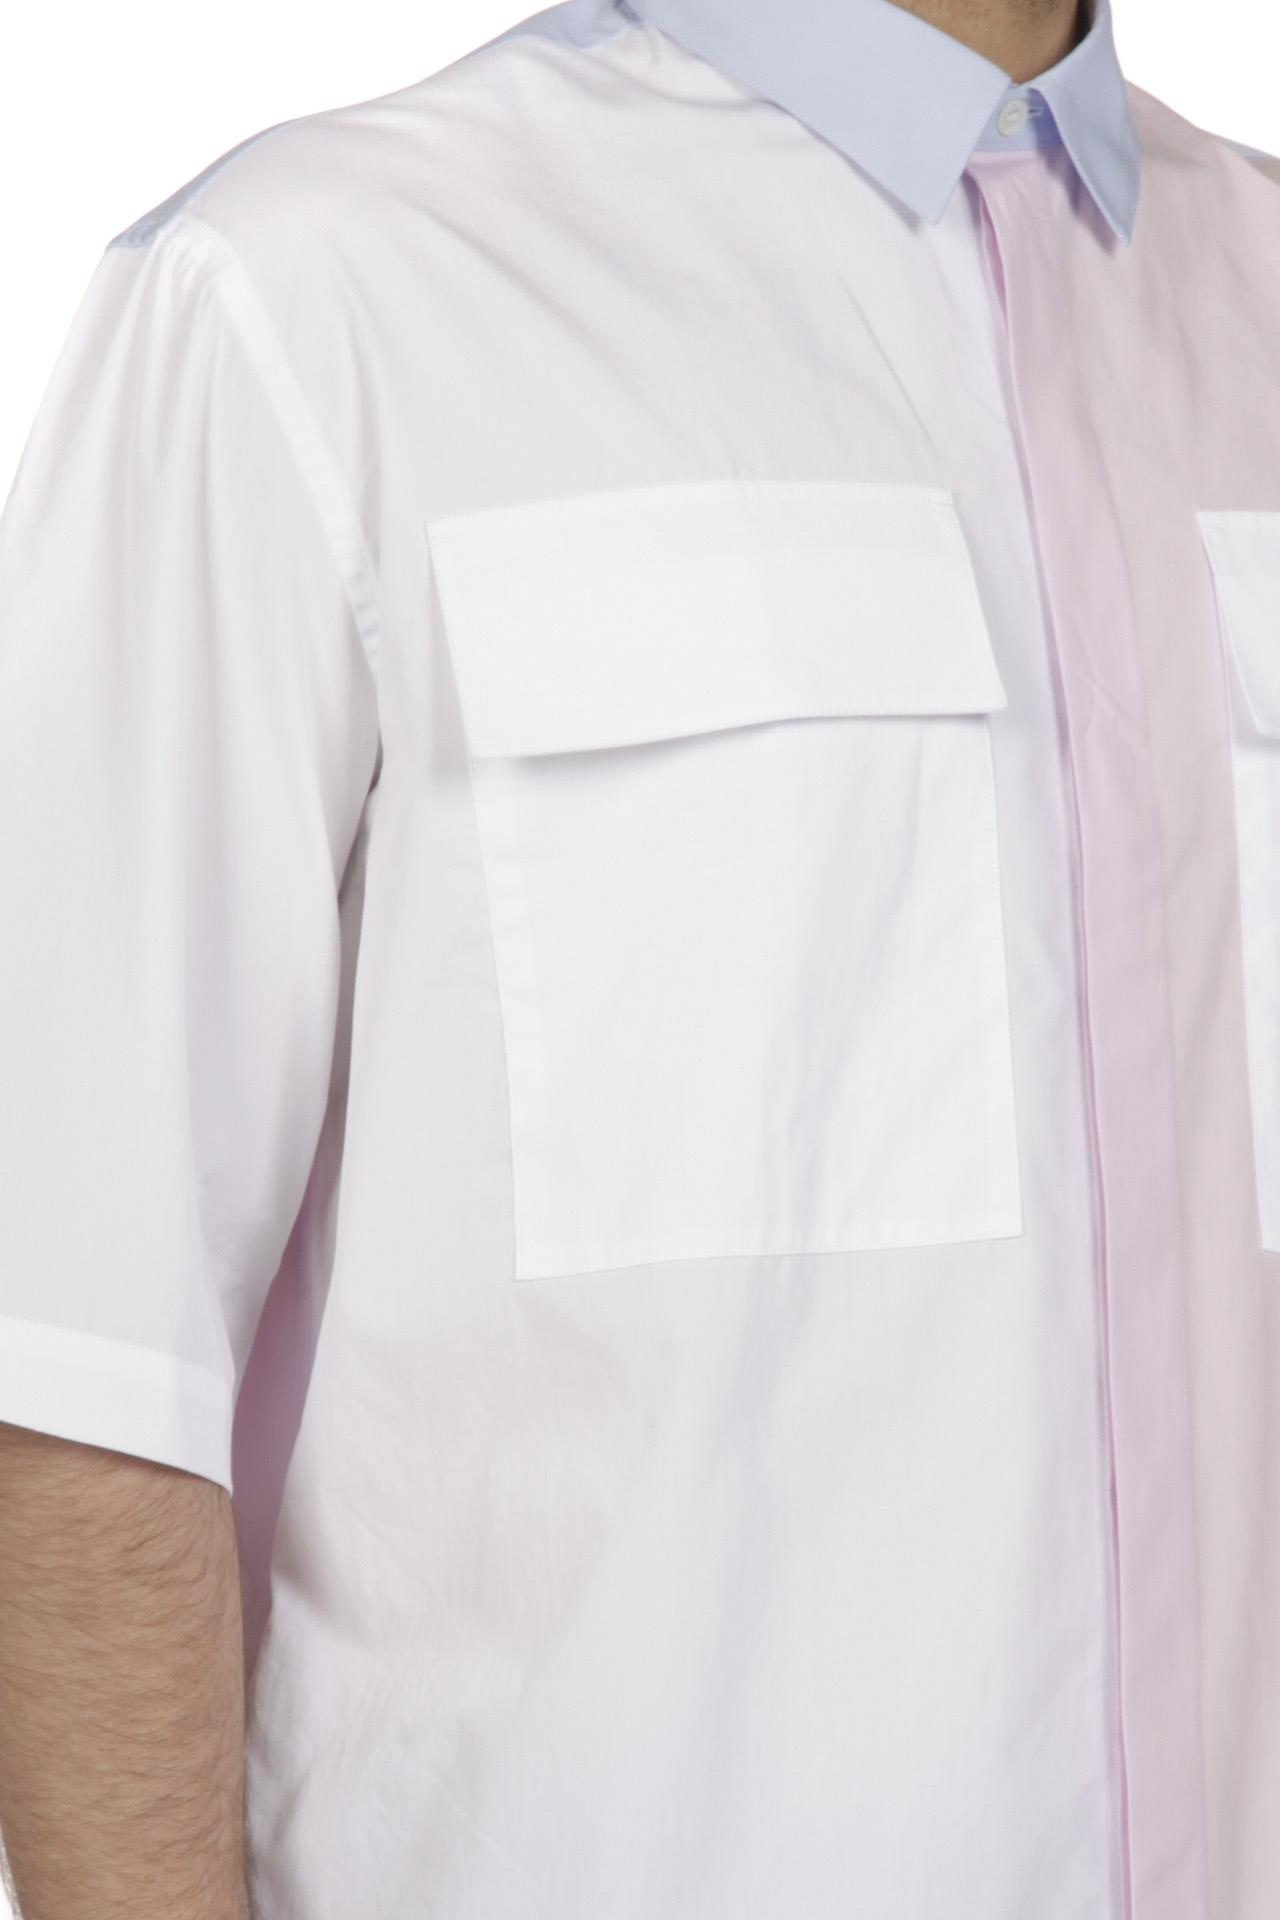 Camicia multicolor MAISON KITSUNE' |  | GM00446WC0025